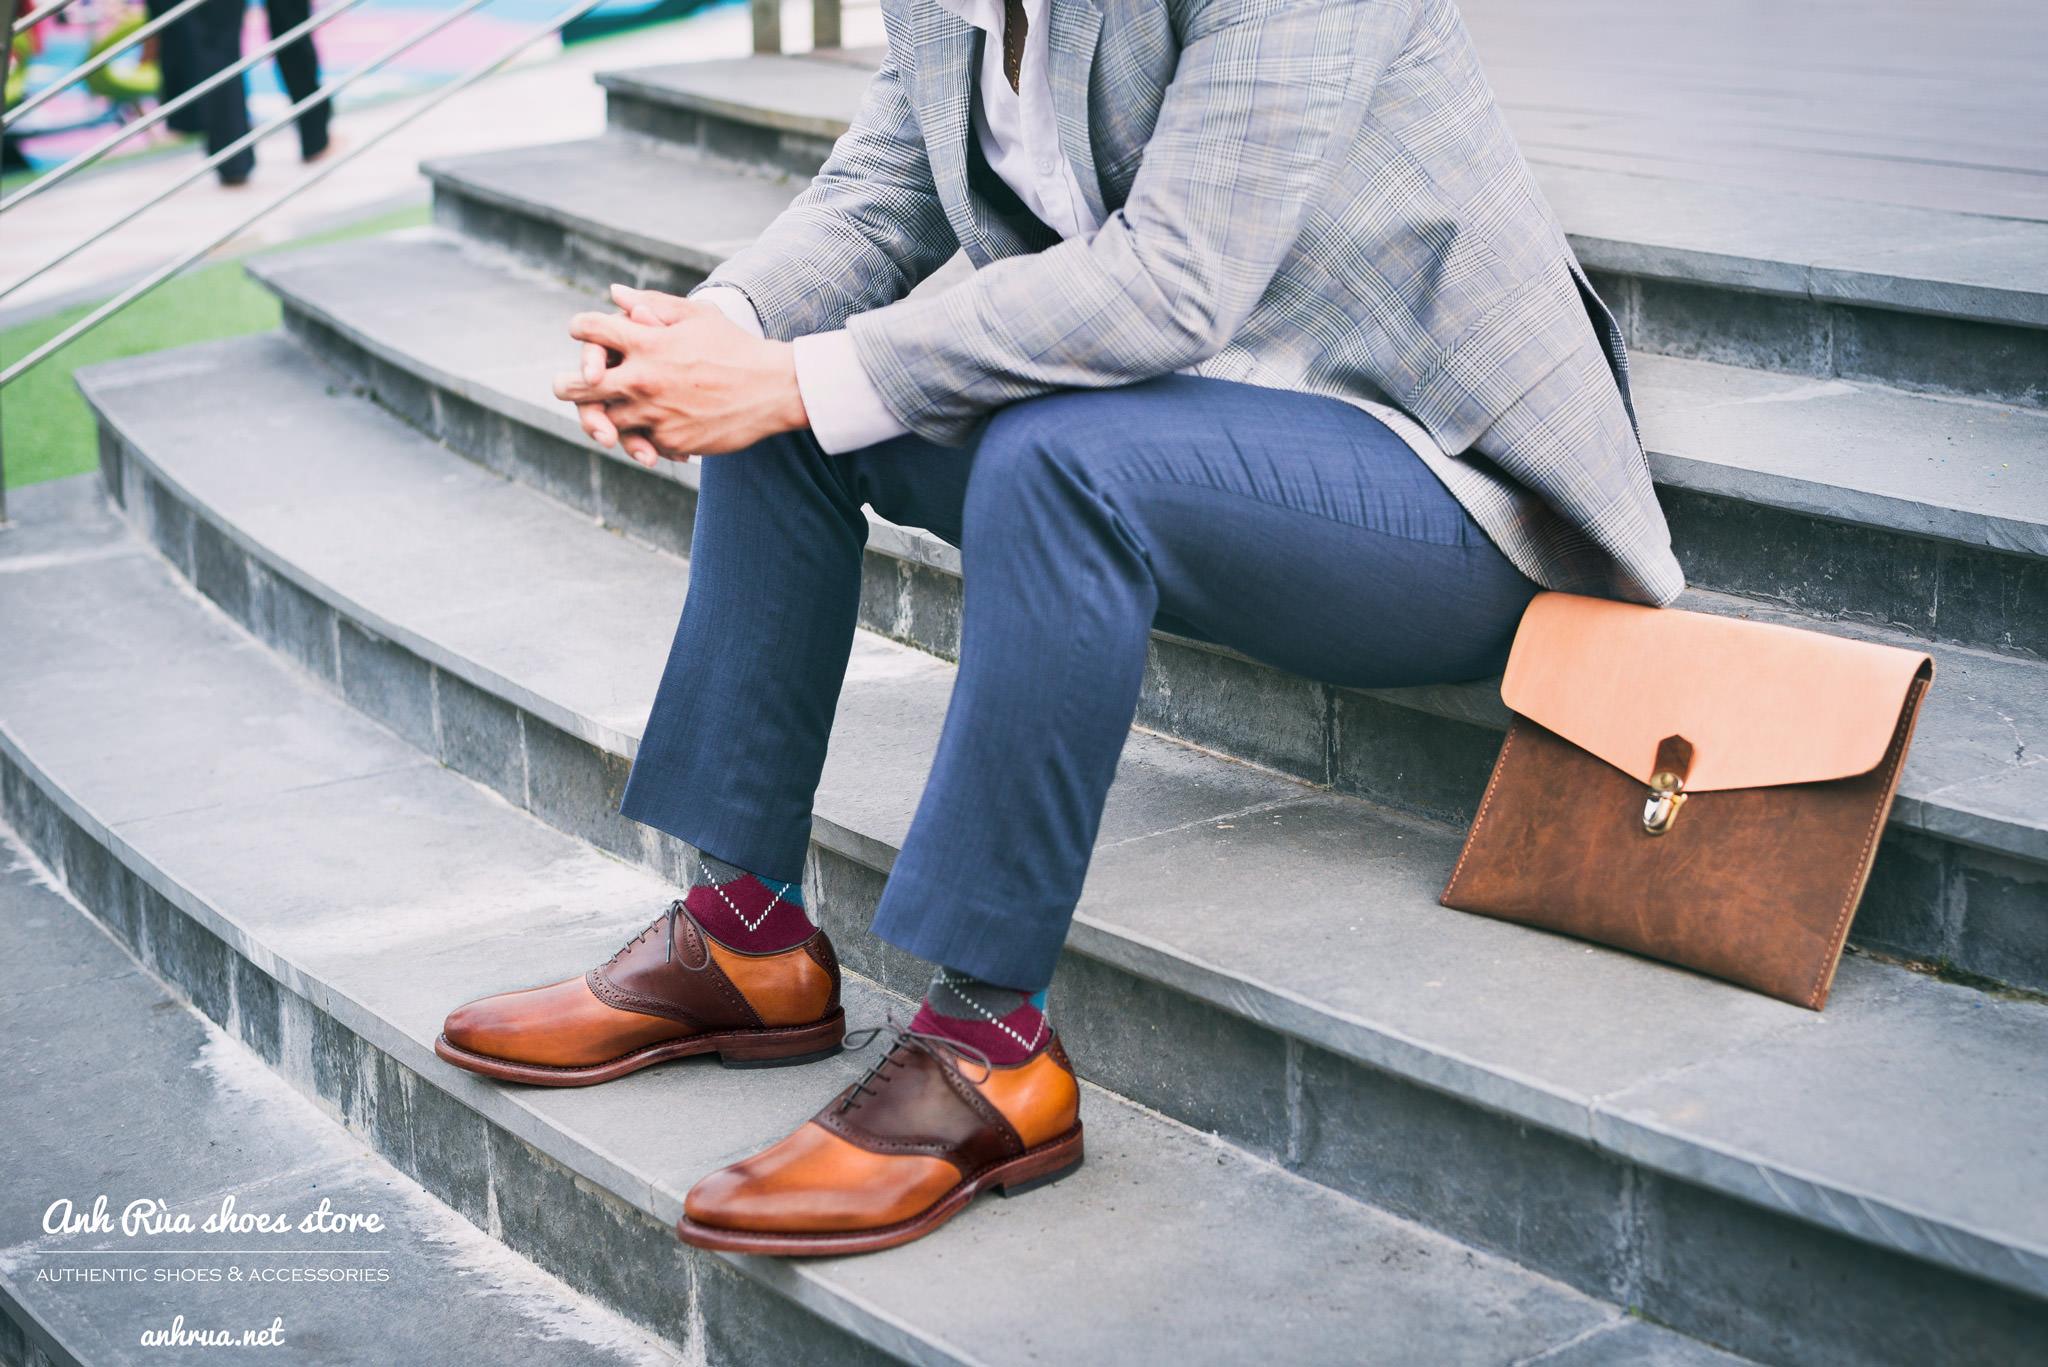 Giày tây spectators với 2 tone màu Light brown Medium brown